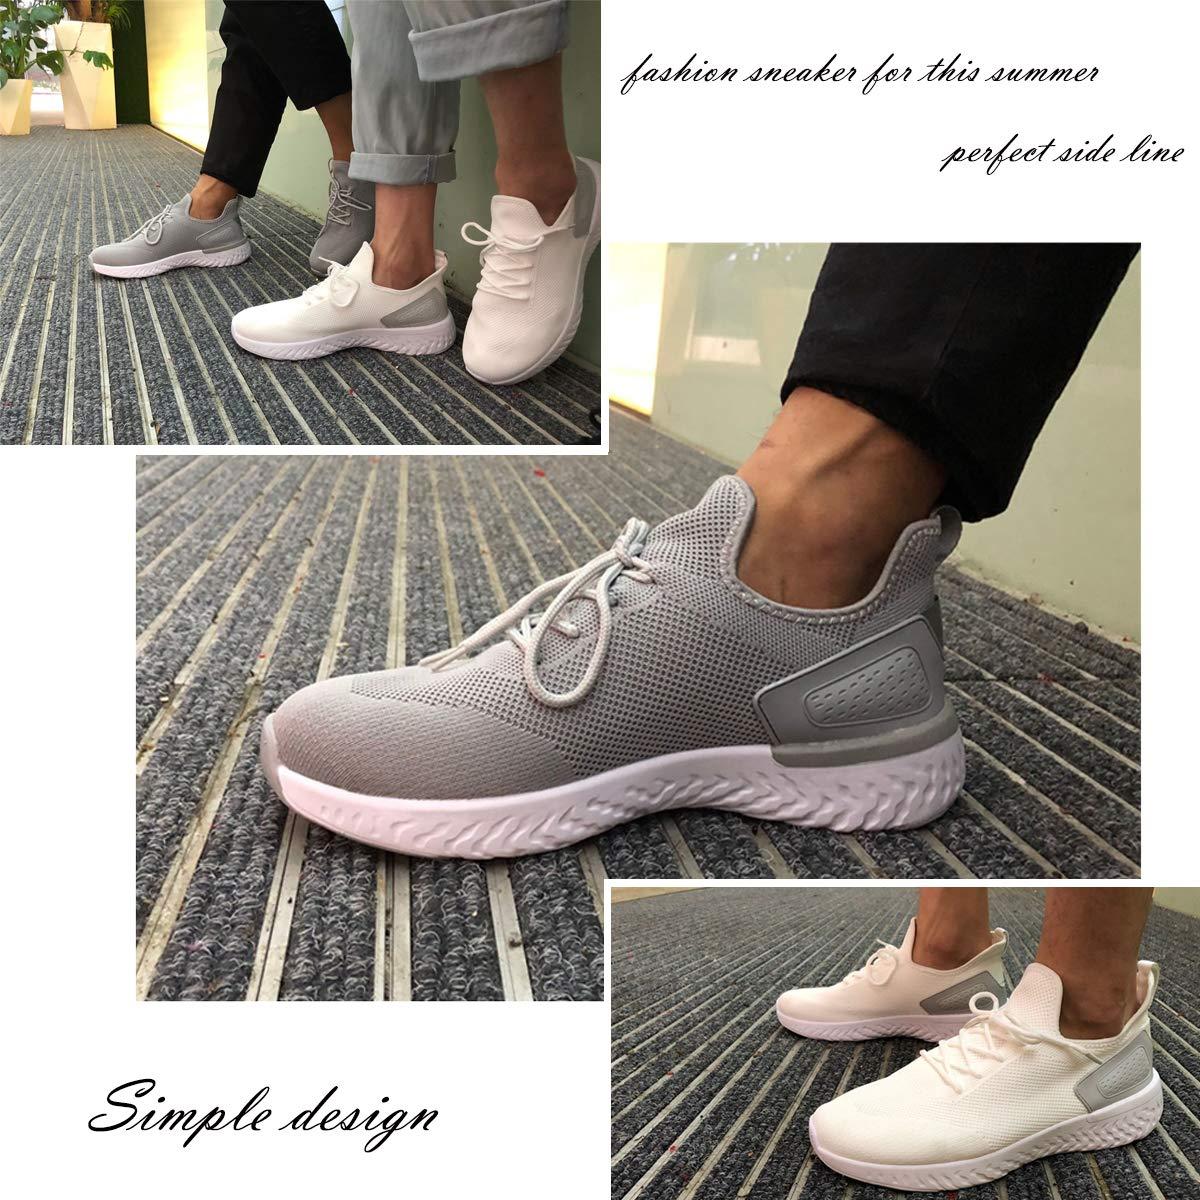 Velukin Zapatillas de Deporte Respirable para Correr Deportes Zapatos Running Hombre Zapatillas para Correr